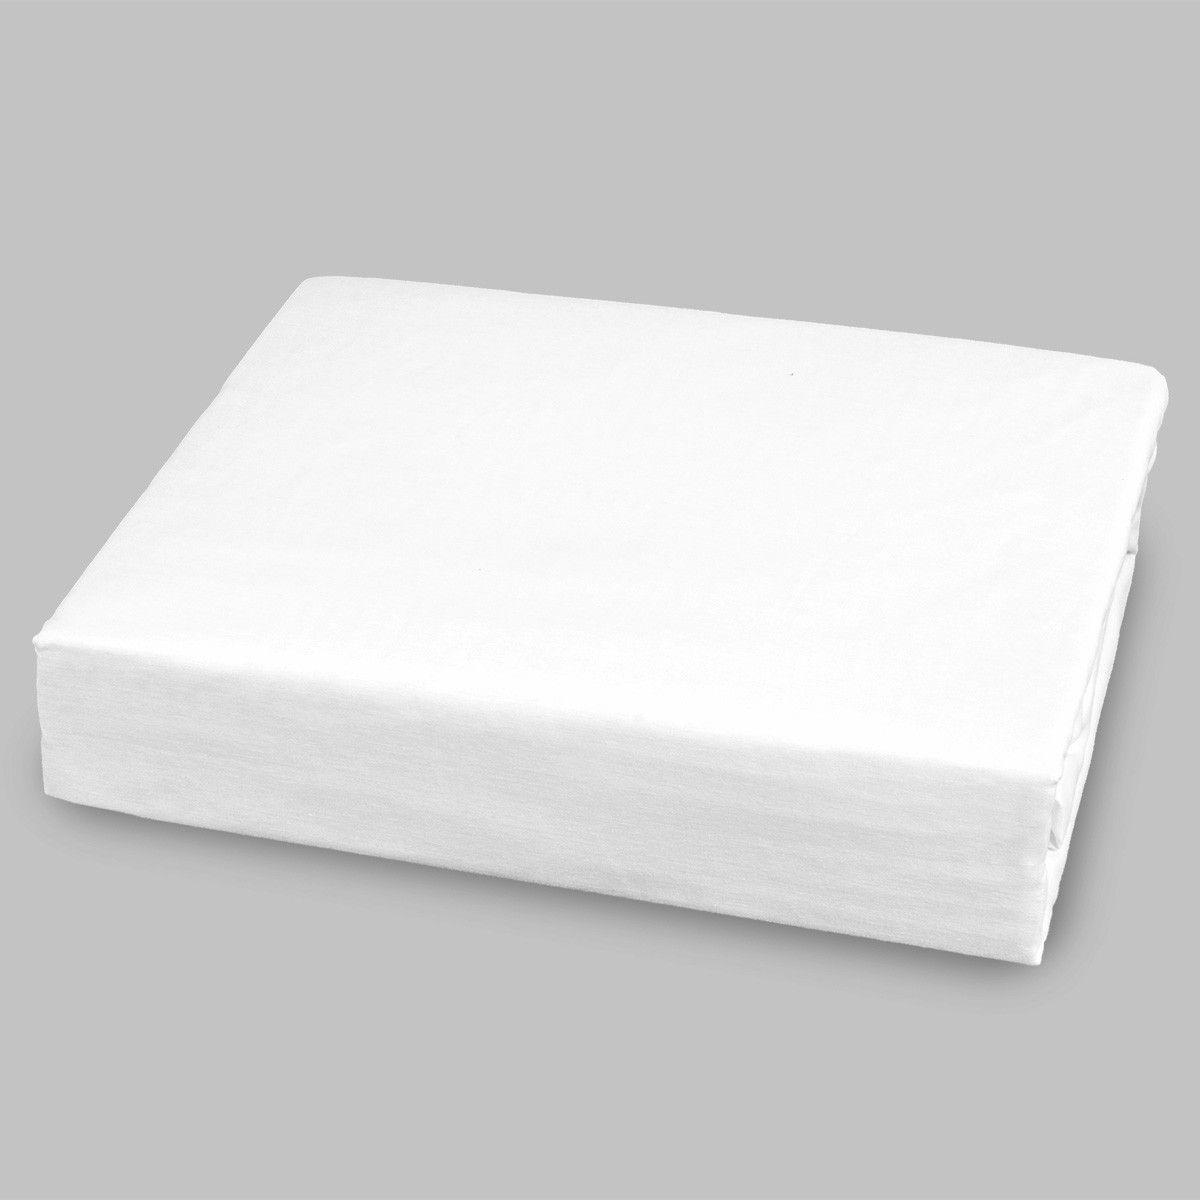 Lençol Avulso Solteiro 180 fios Com Elástico - Branco